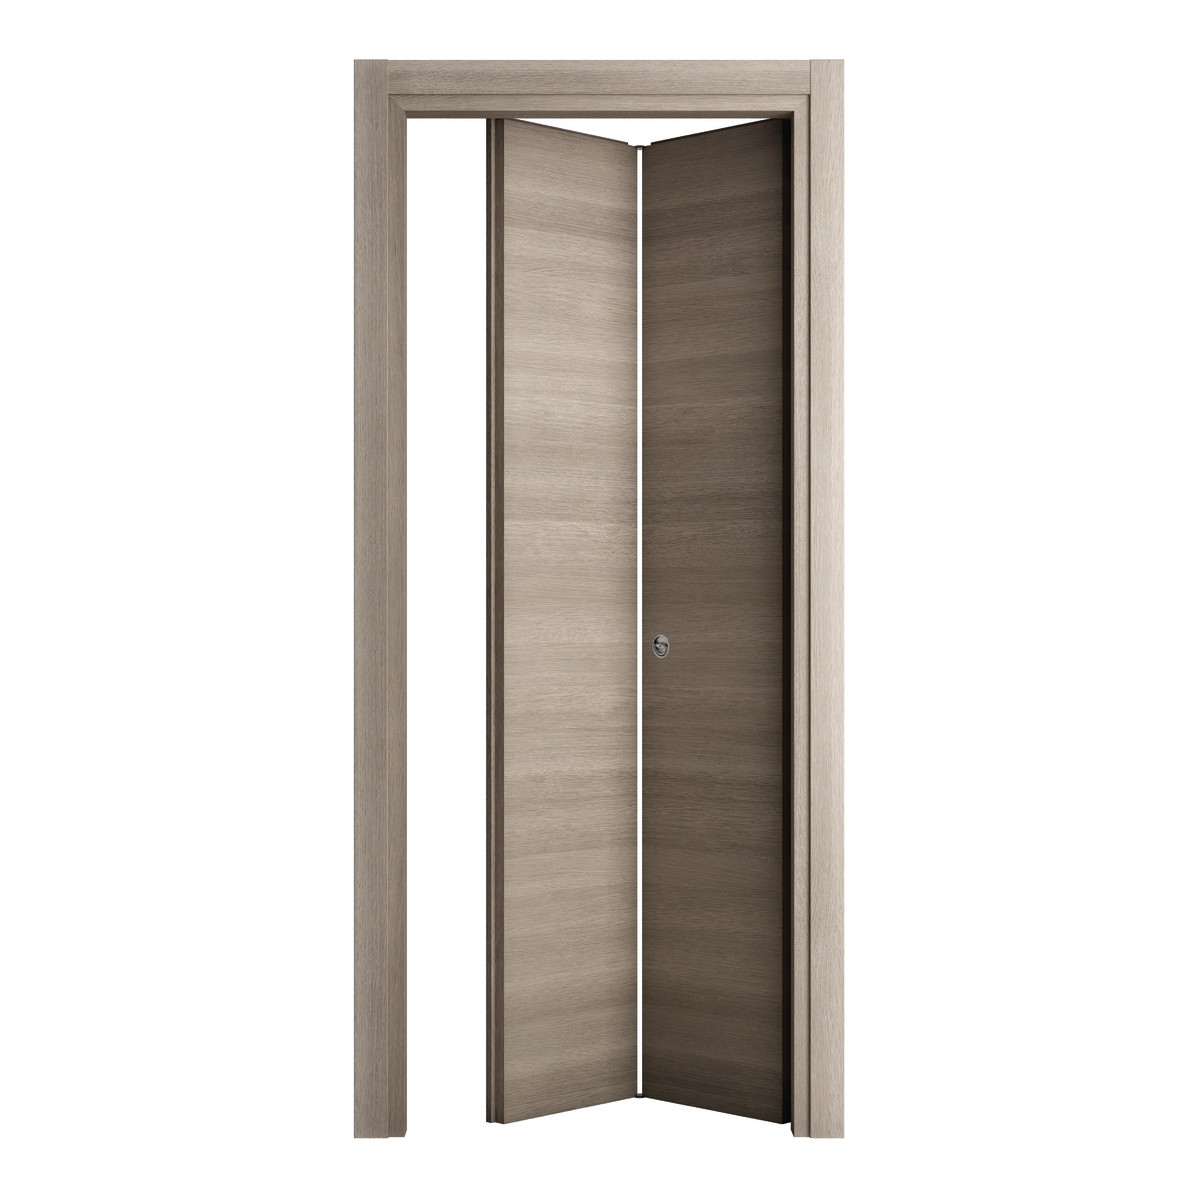 Porte scorrevoli in legno esterno muro - Prezzi porte interne ...